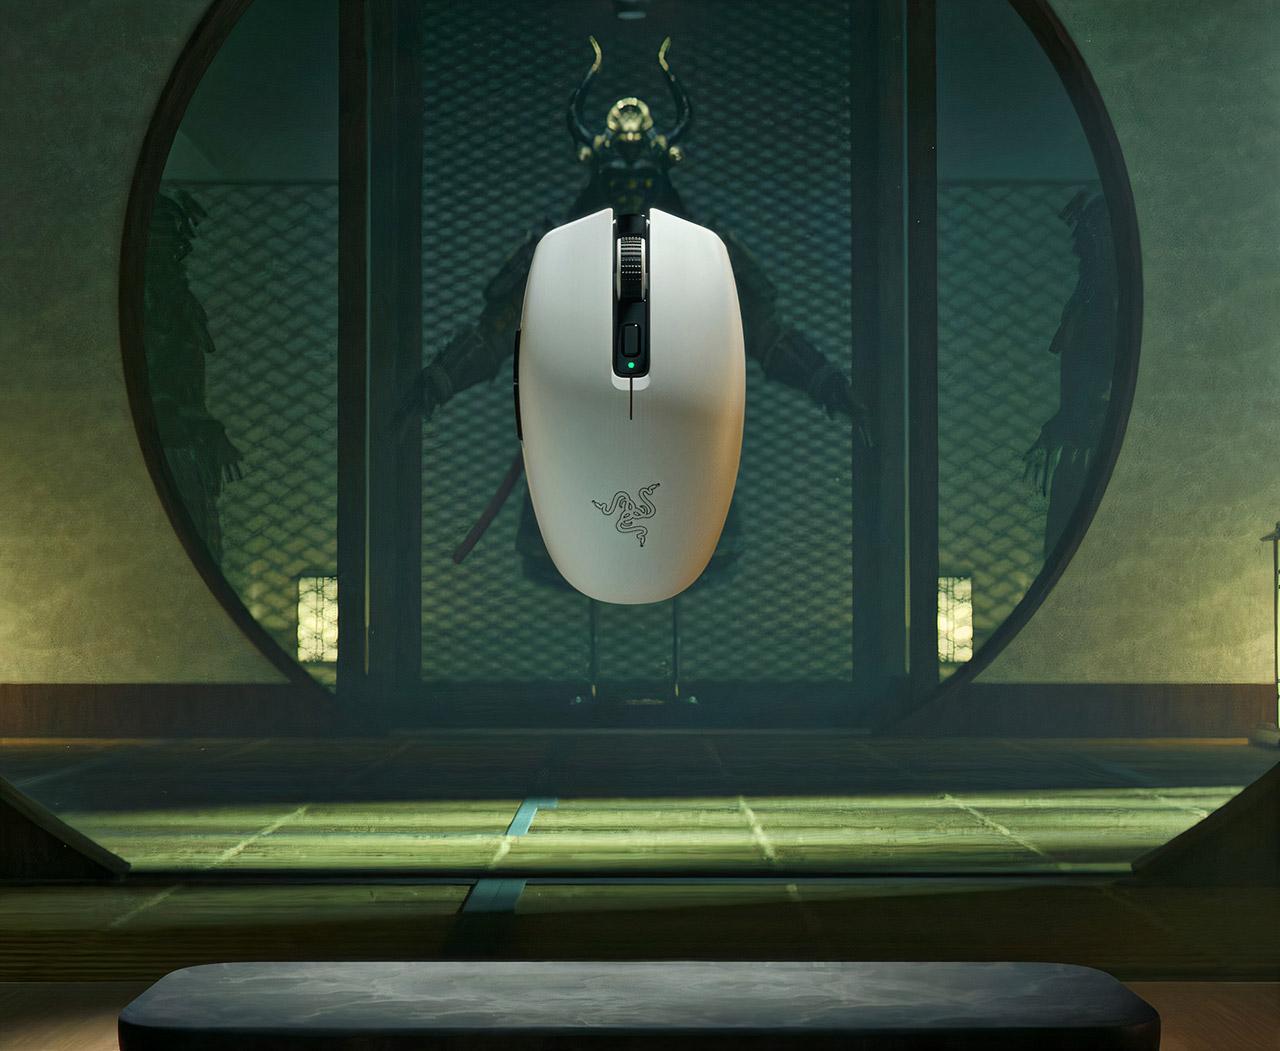 Razer Orochi V2 Wireless Gaming Mouse